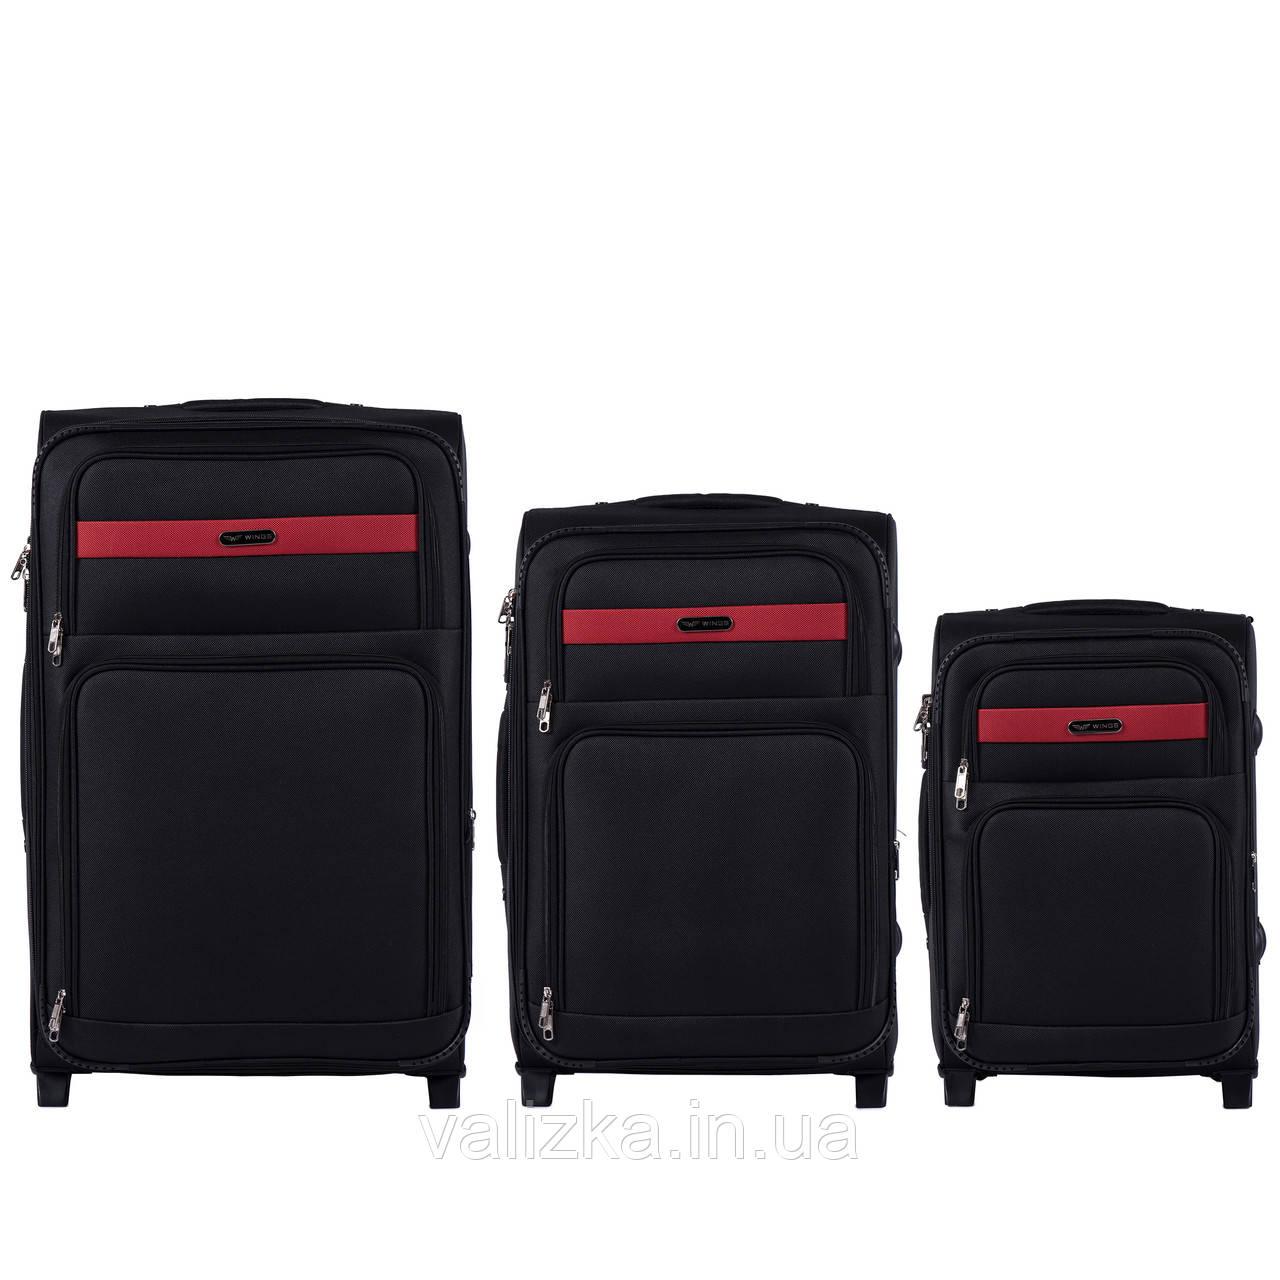 Комплект текстильных чемоданов на 2-х колесах Wings 1605  с расширителем, черного цвета